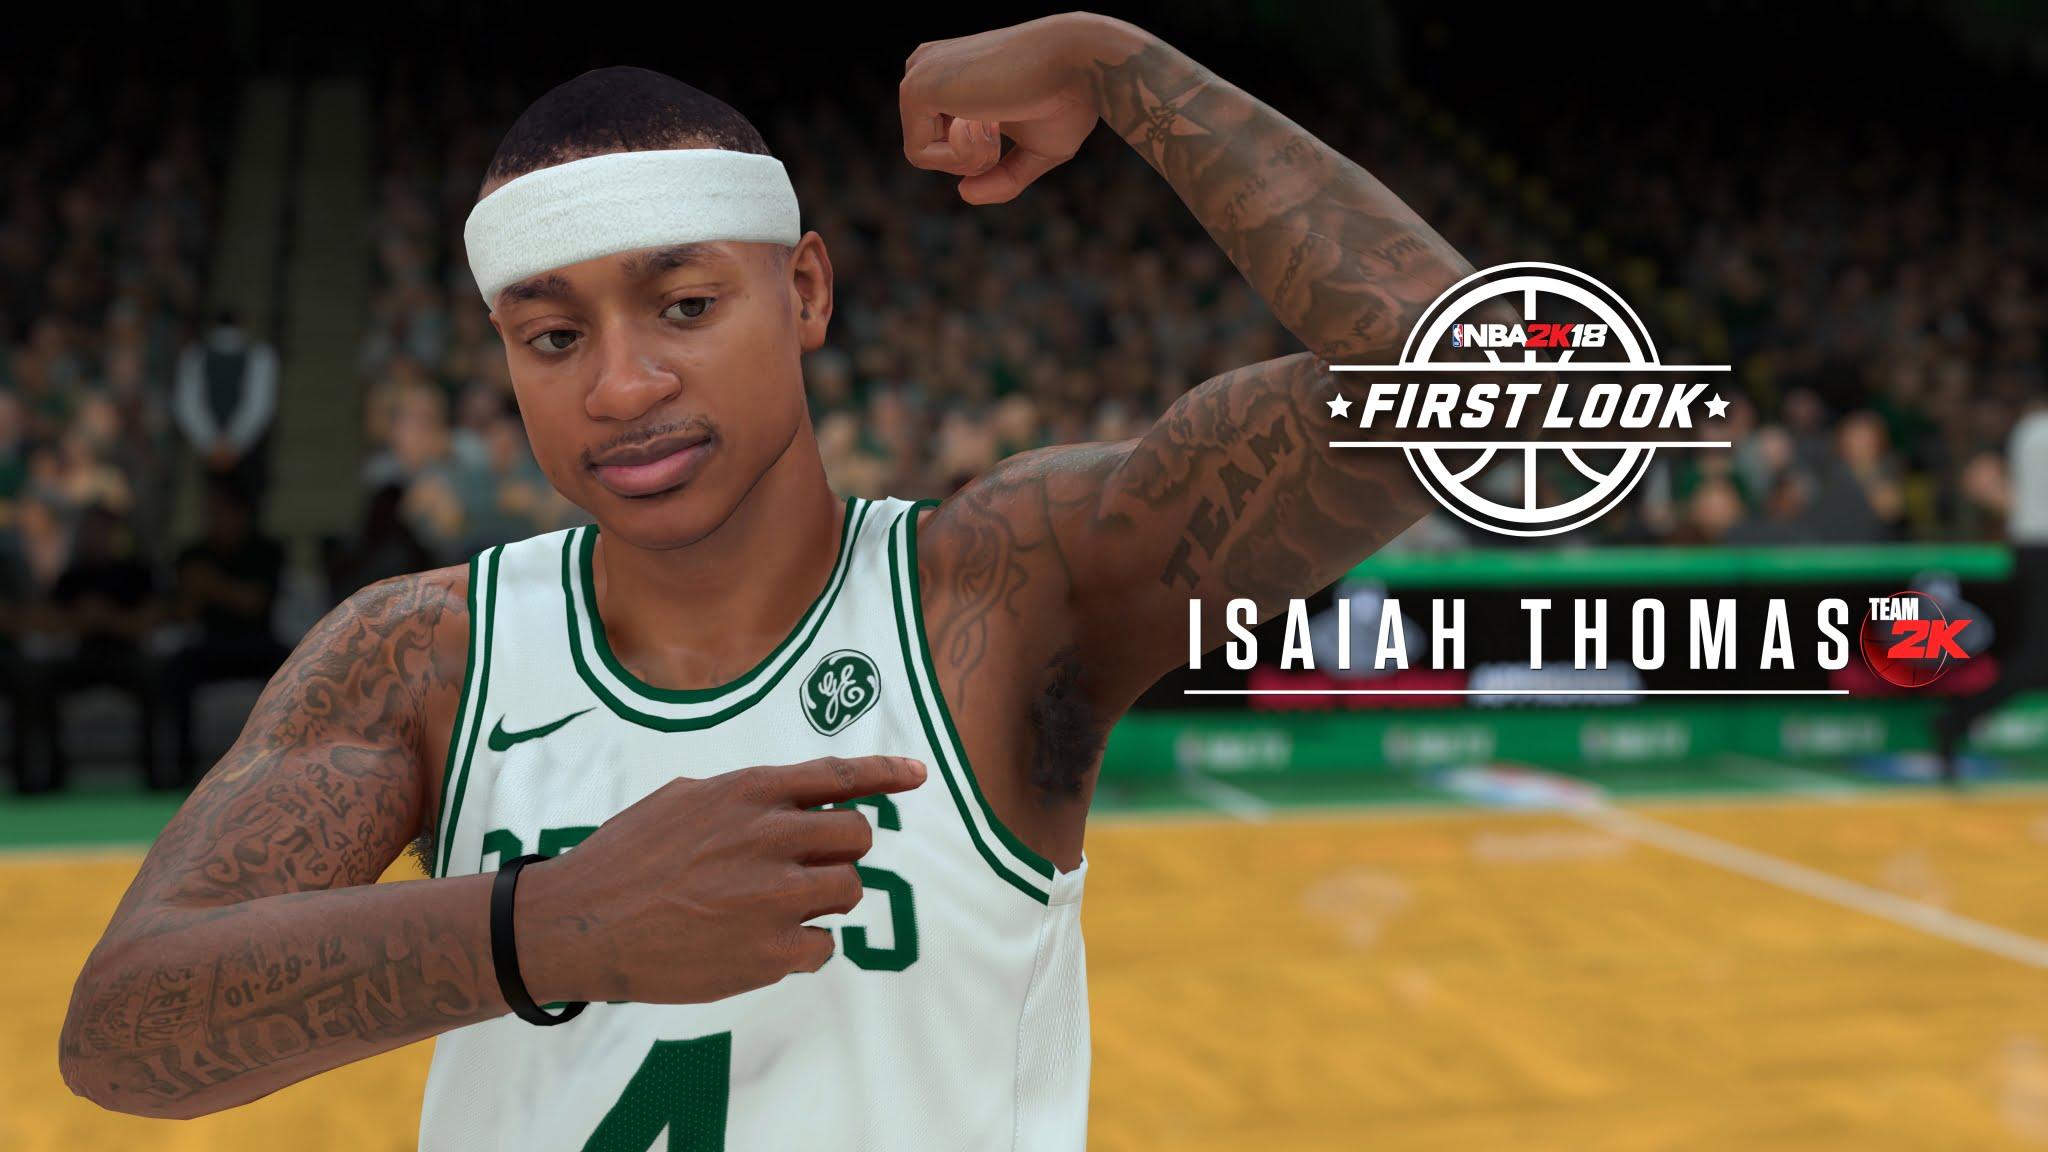 NBA2K18 Isaiah Thomas